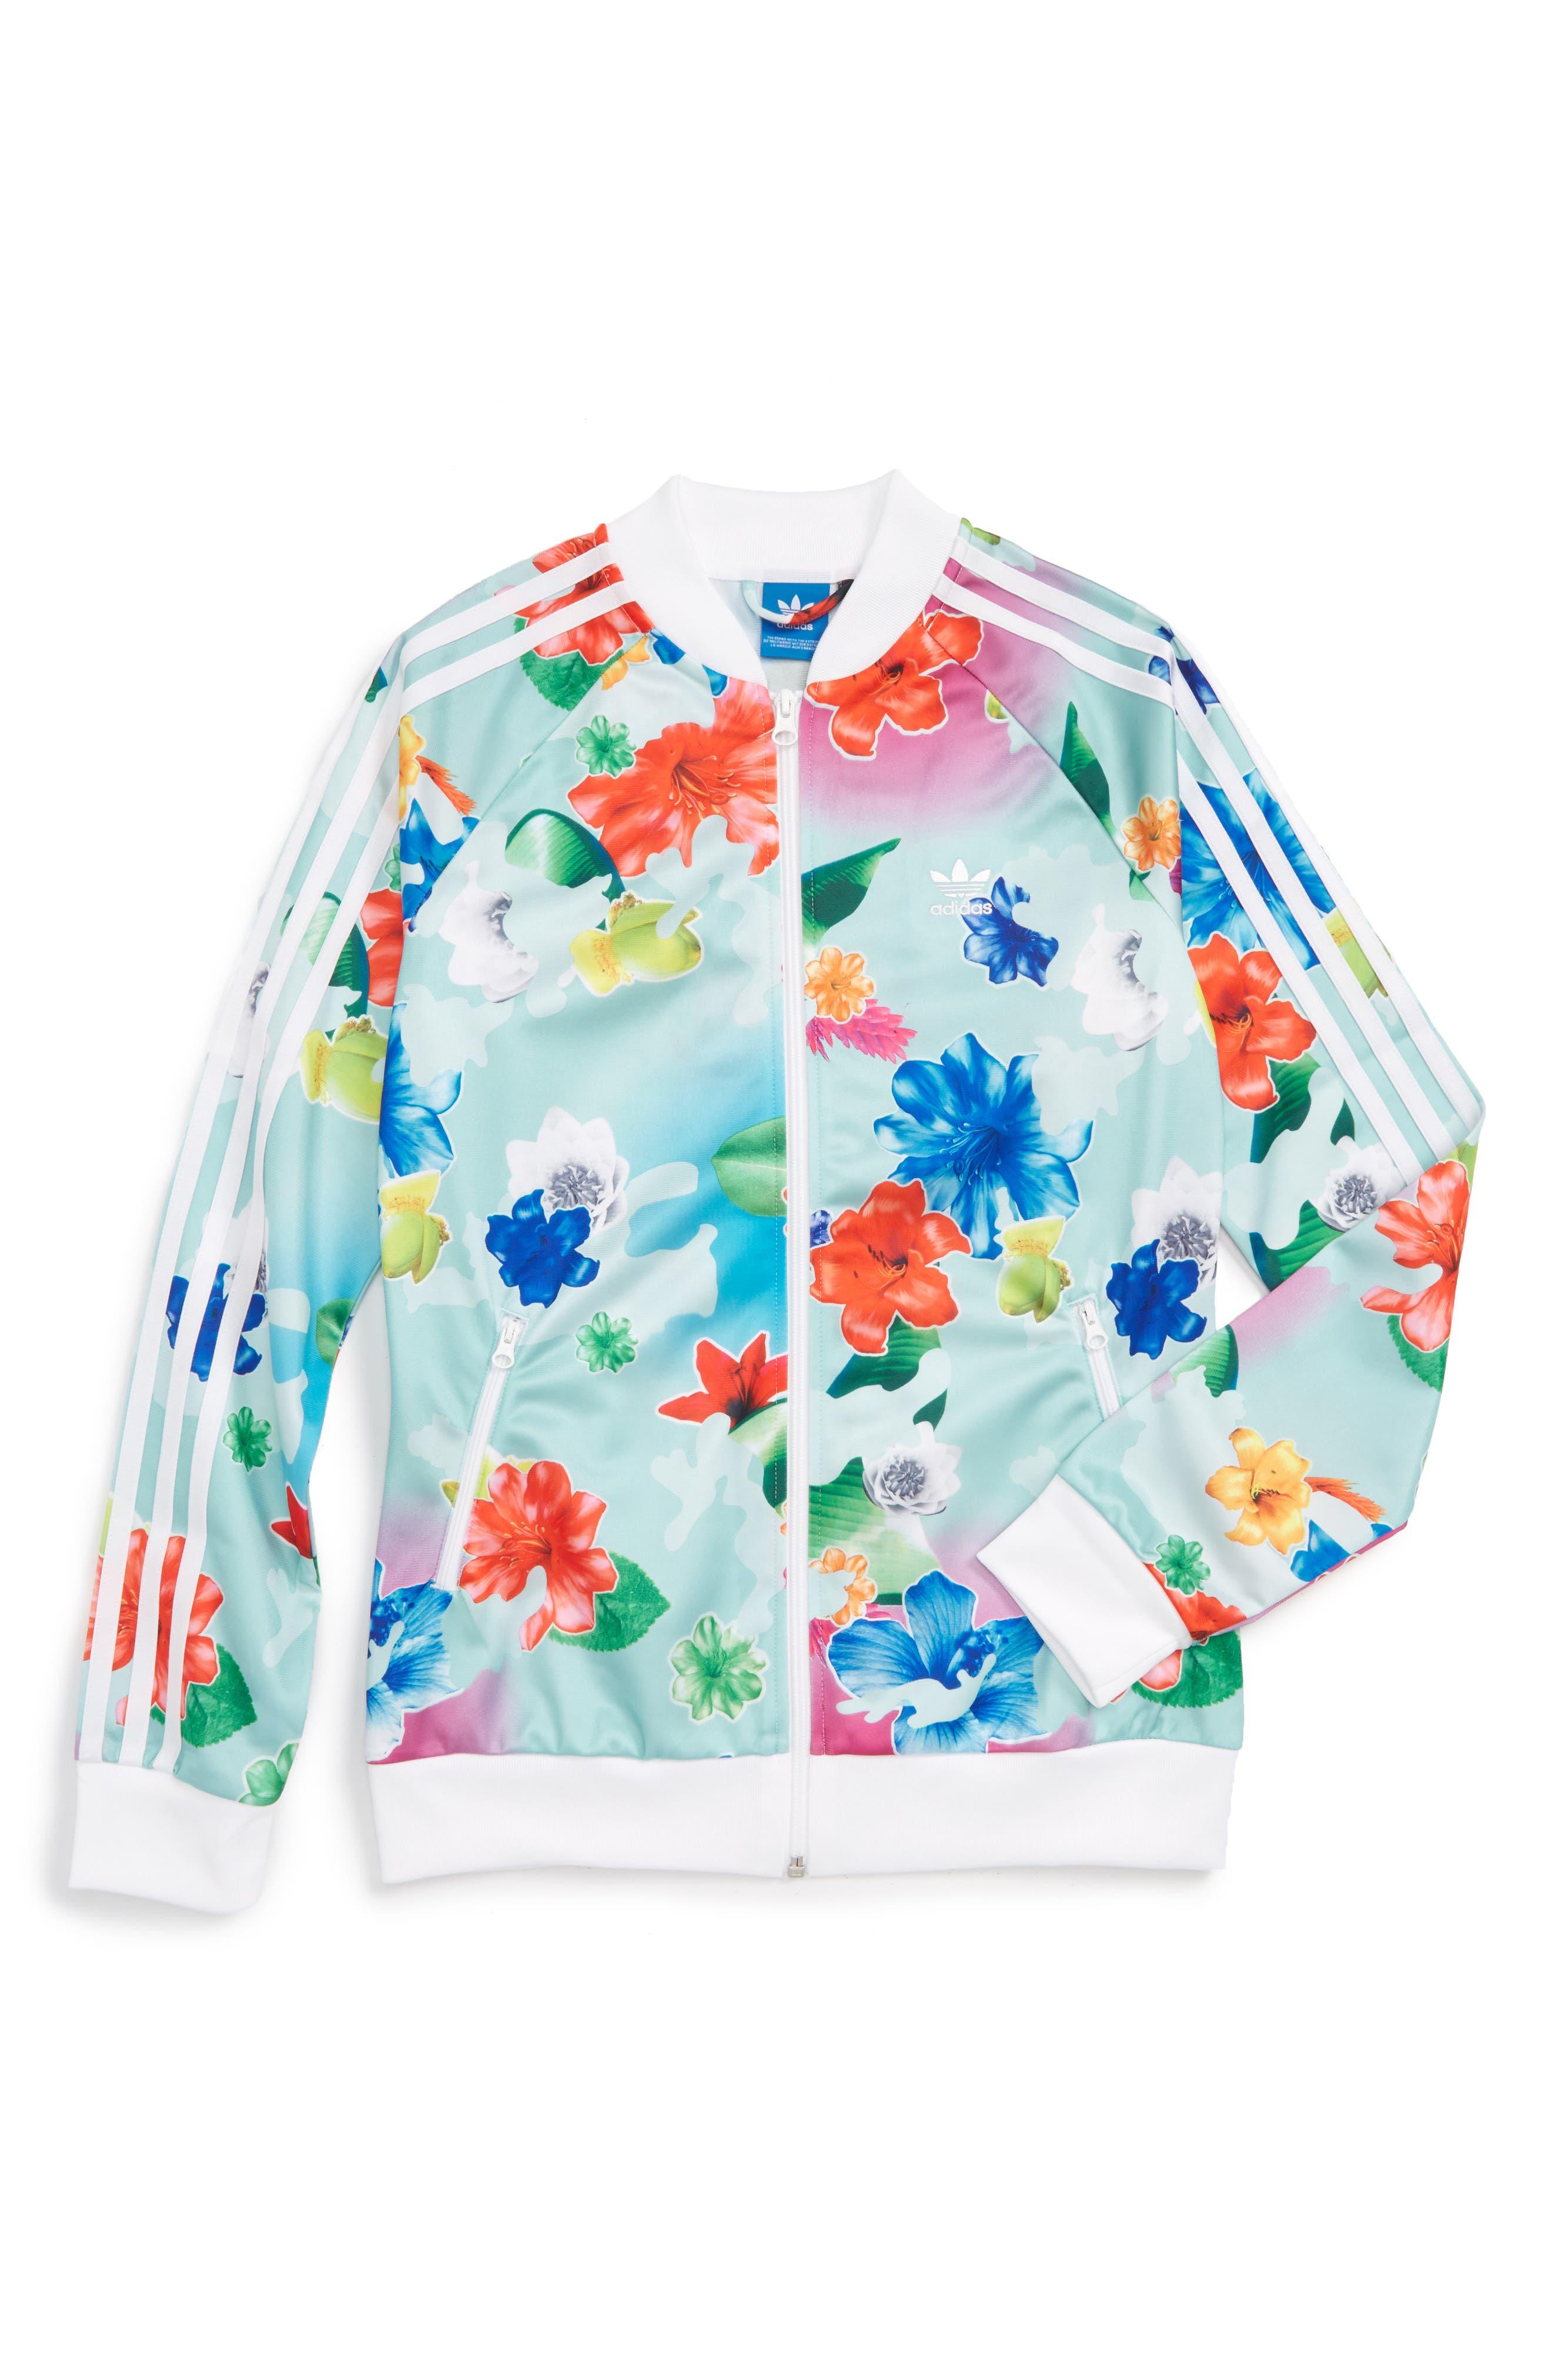 Adidas Originali Giacca Supergirl Traccia Giacca Originali (Big Girls) Nordstrom 60a990